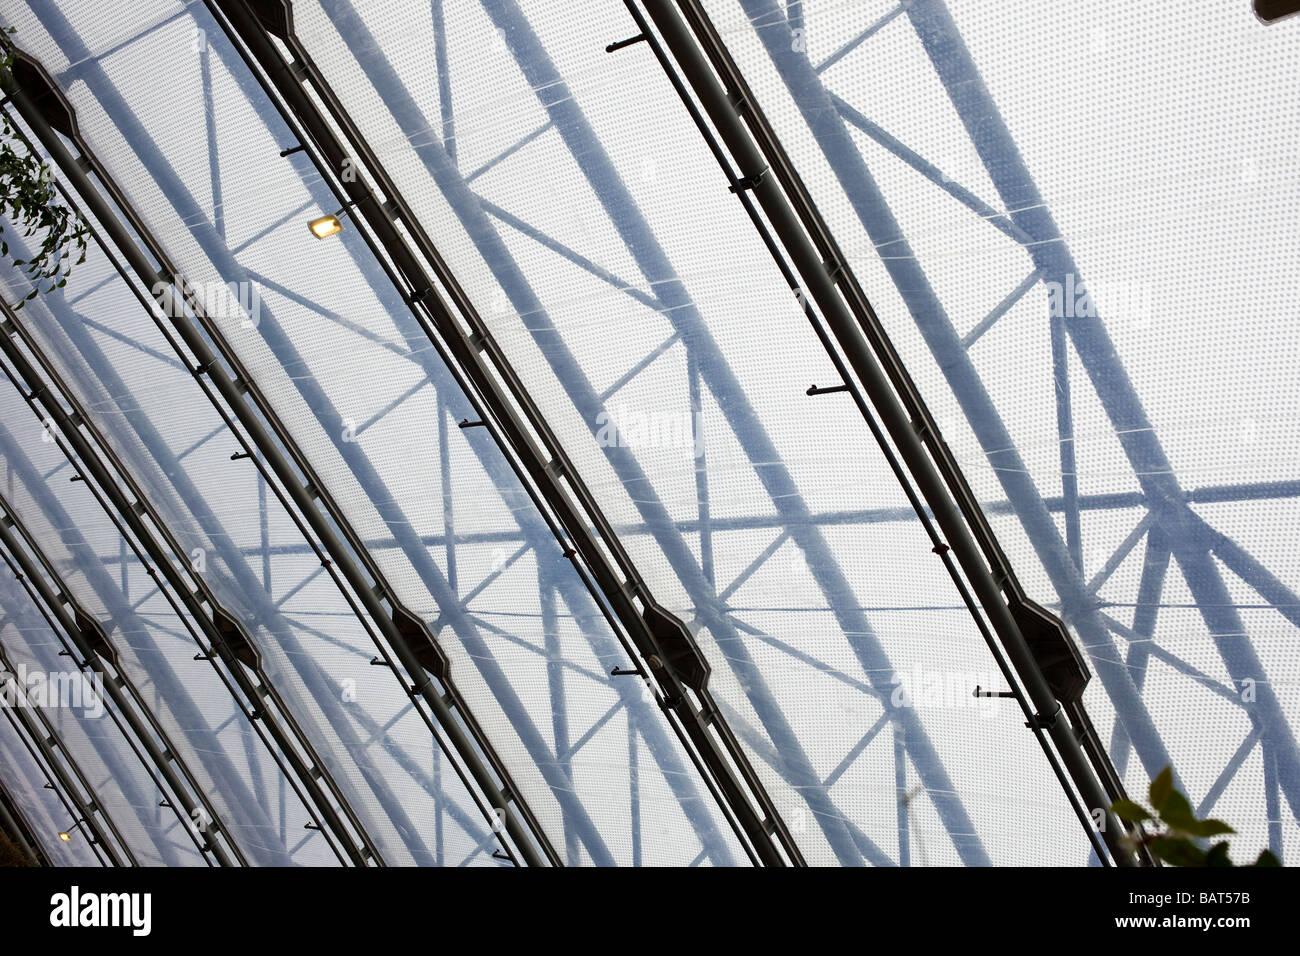 Detalle de la arquitectura moderna Imagen De Stock